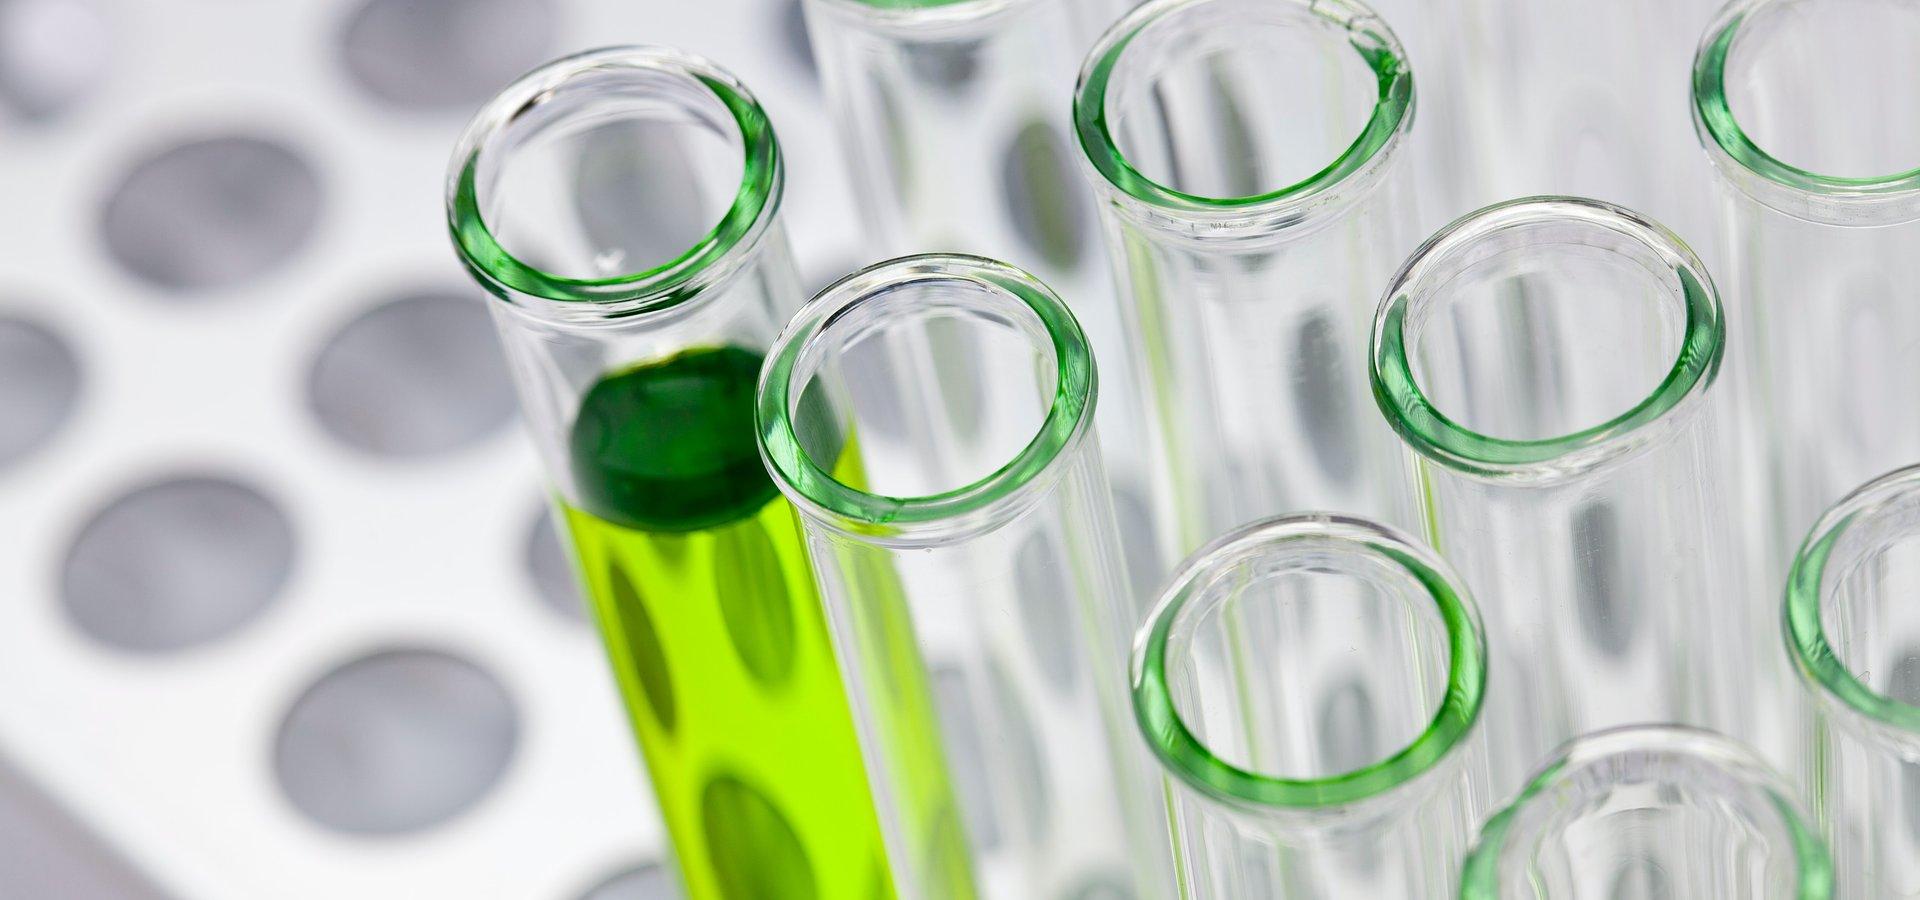 myBiogen é o novo site para profissionais de saúde dedicado à partilha de conhecimento científico